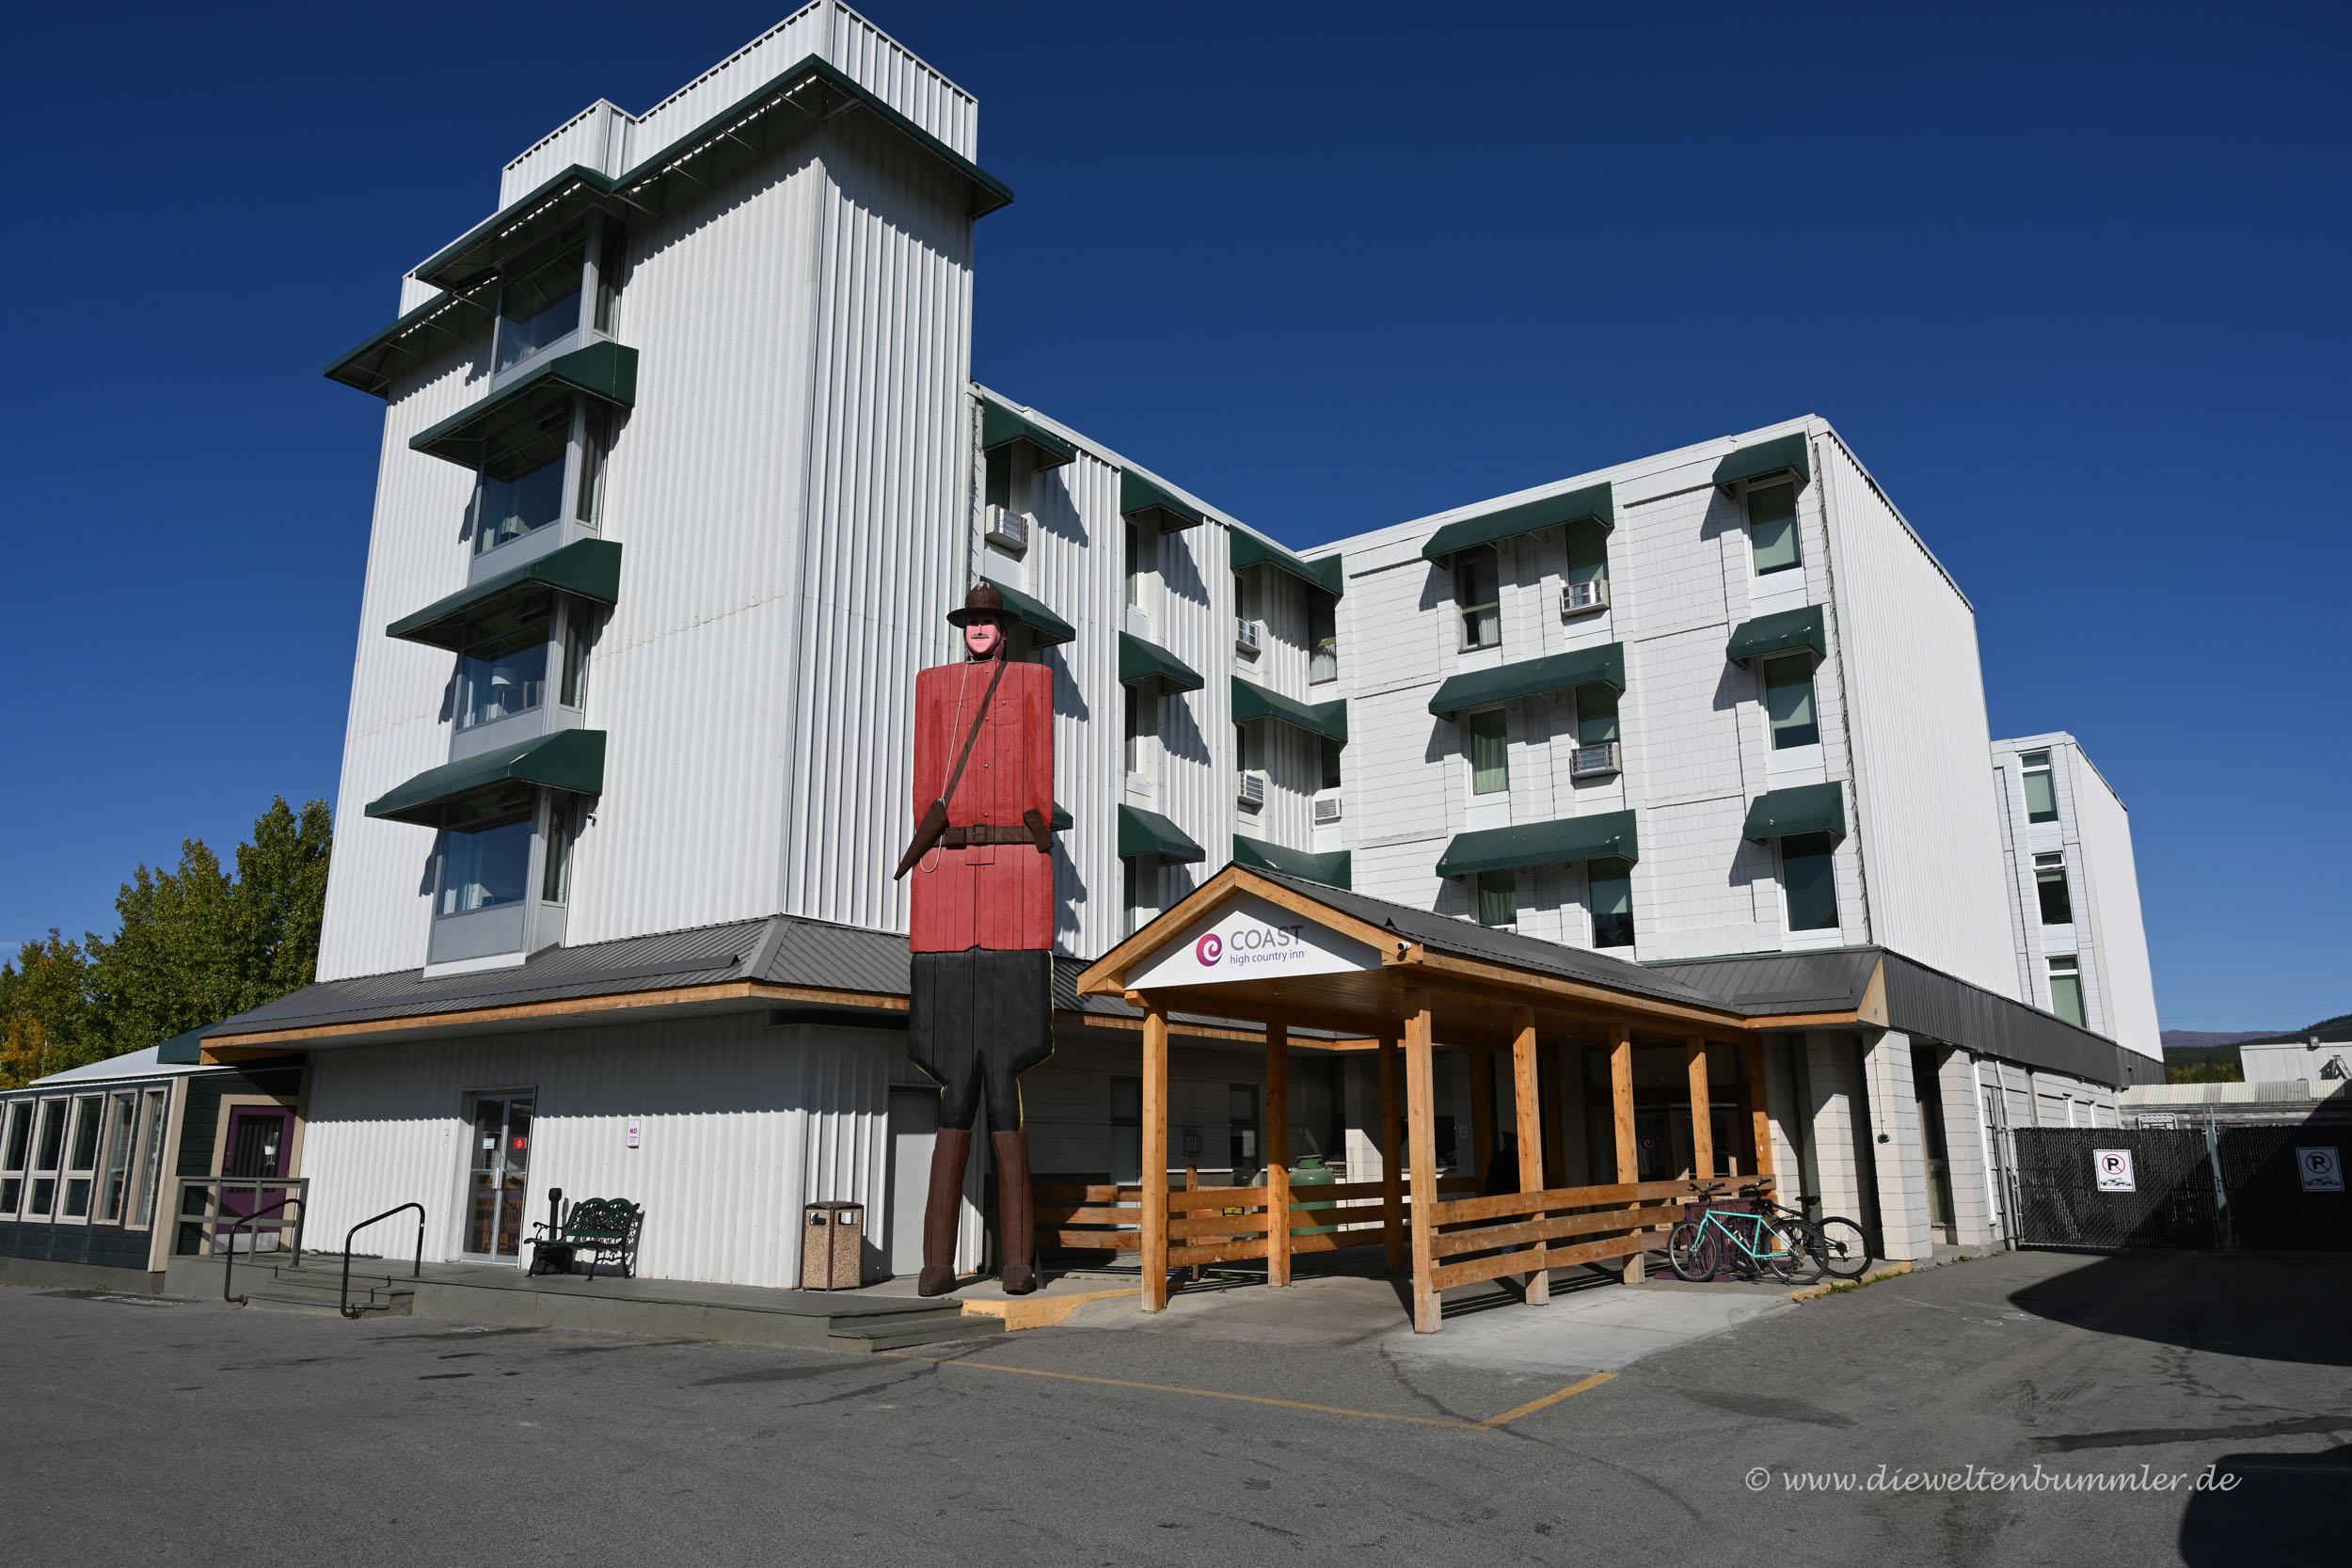 Hotel mit Skulptur in Whitehorse